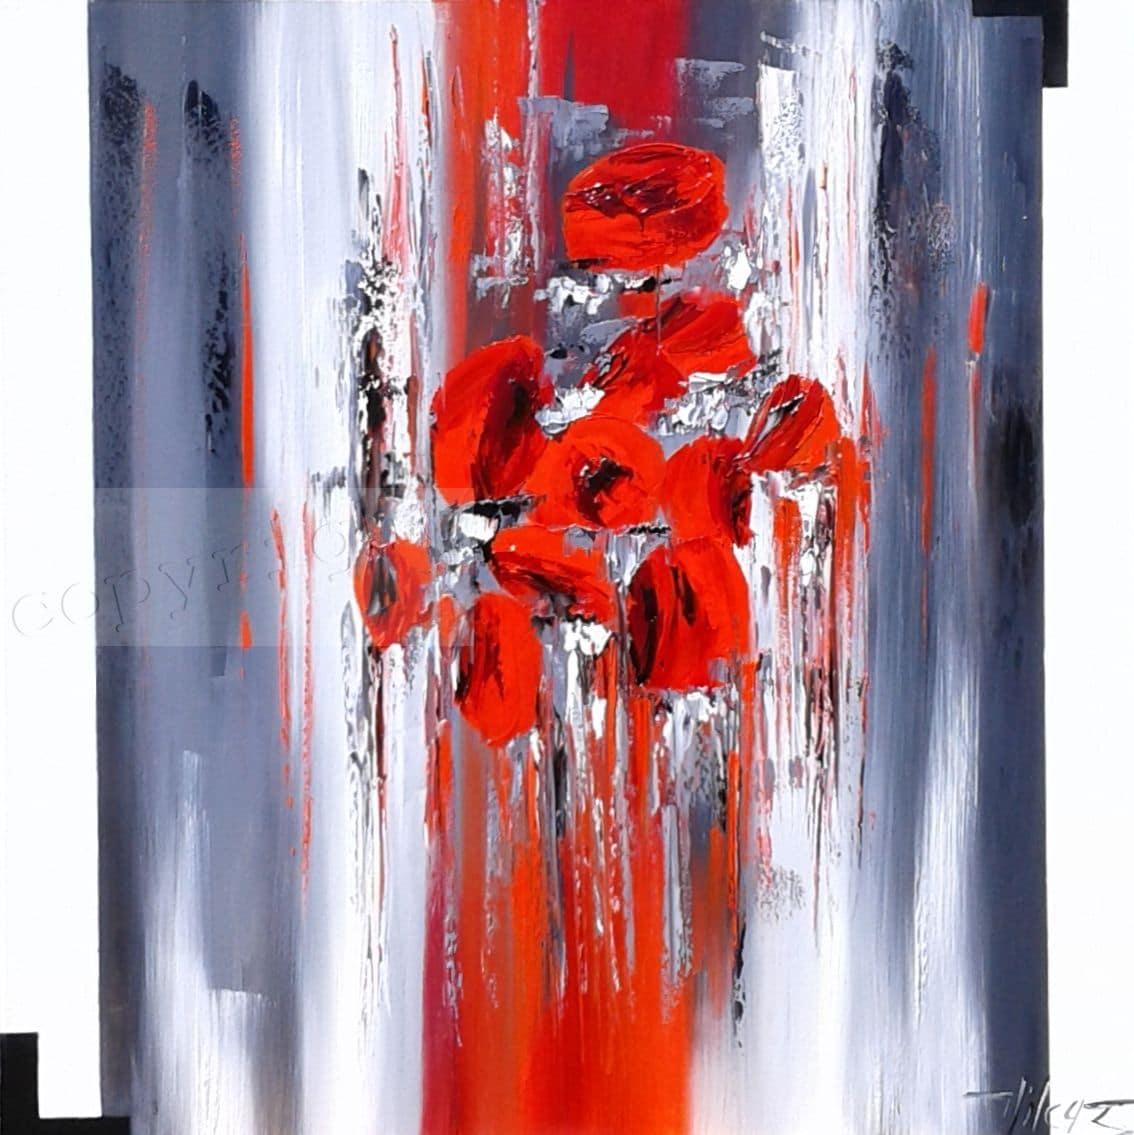 Rouge envoléeHuile sur toile80x80 cm